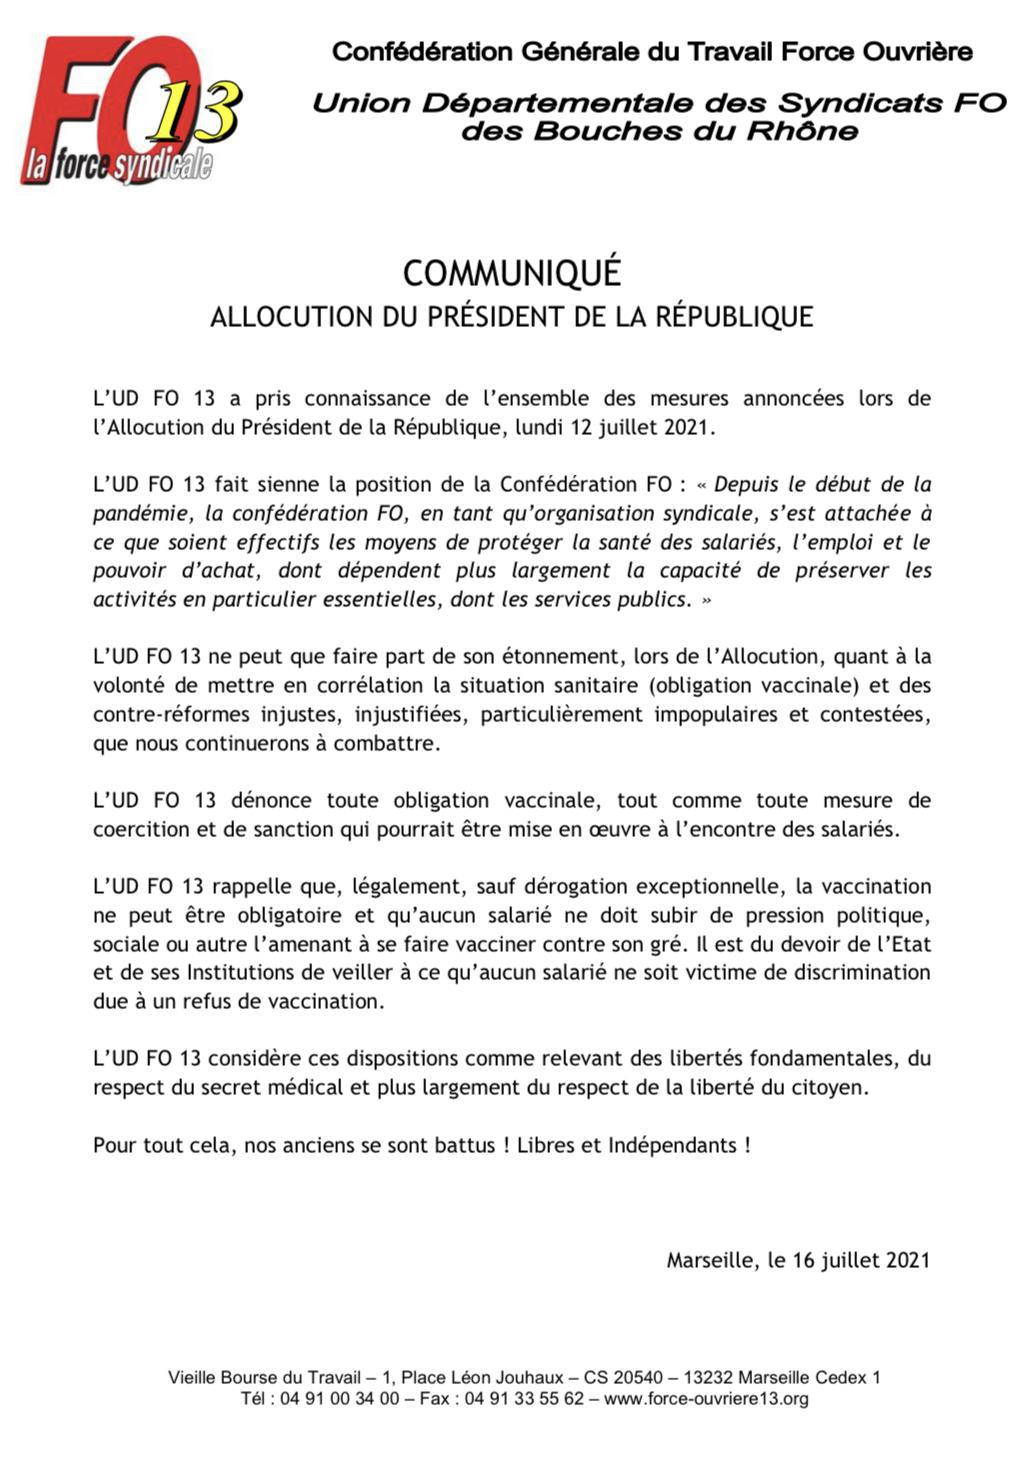 Zapp presse : Communiqué de presse UD 13 FO suite à l'allocution du Président de la République !